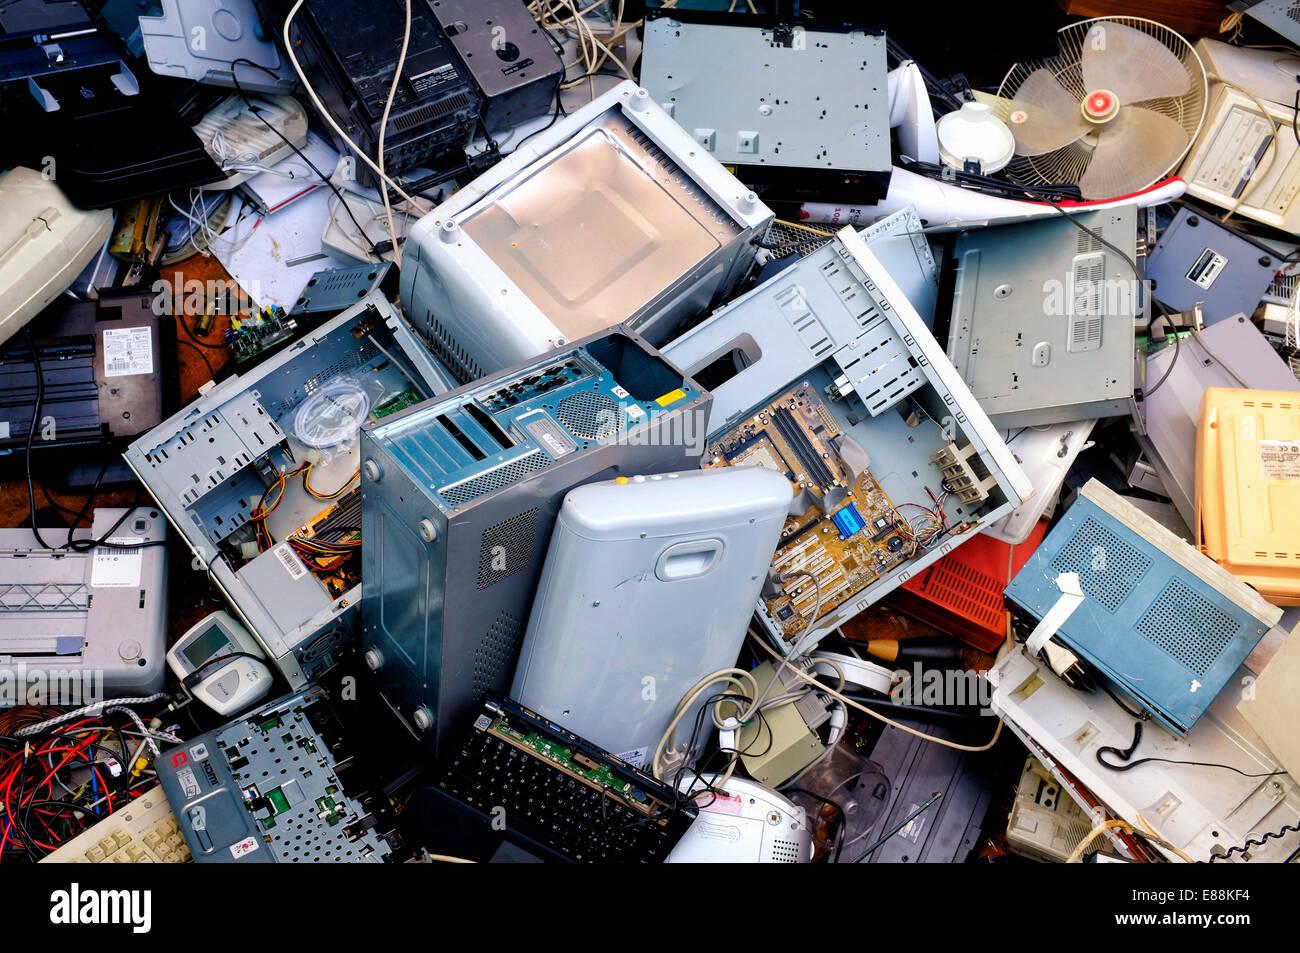 Primer plano de algunos residuos electrónicos Imagen De Stock